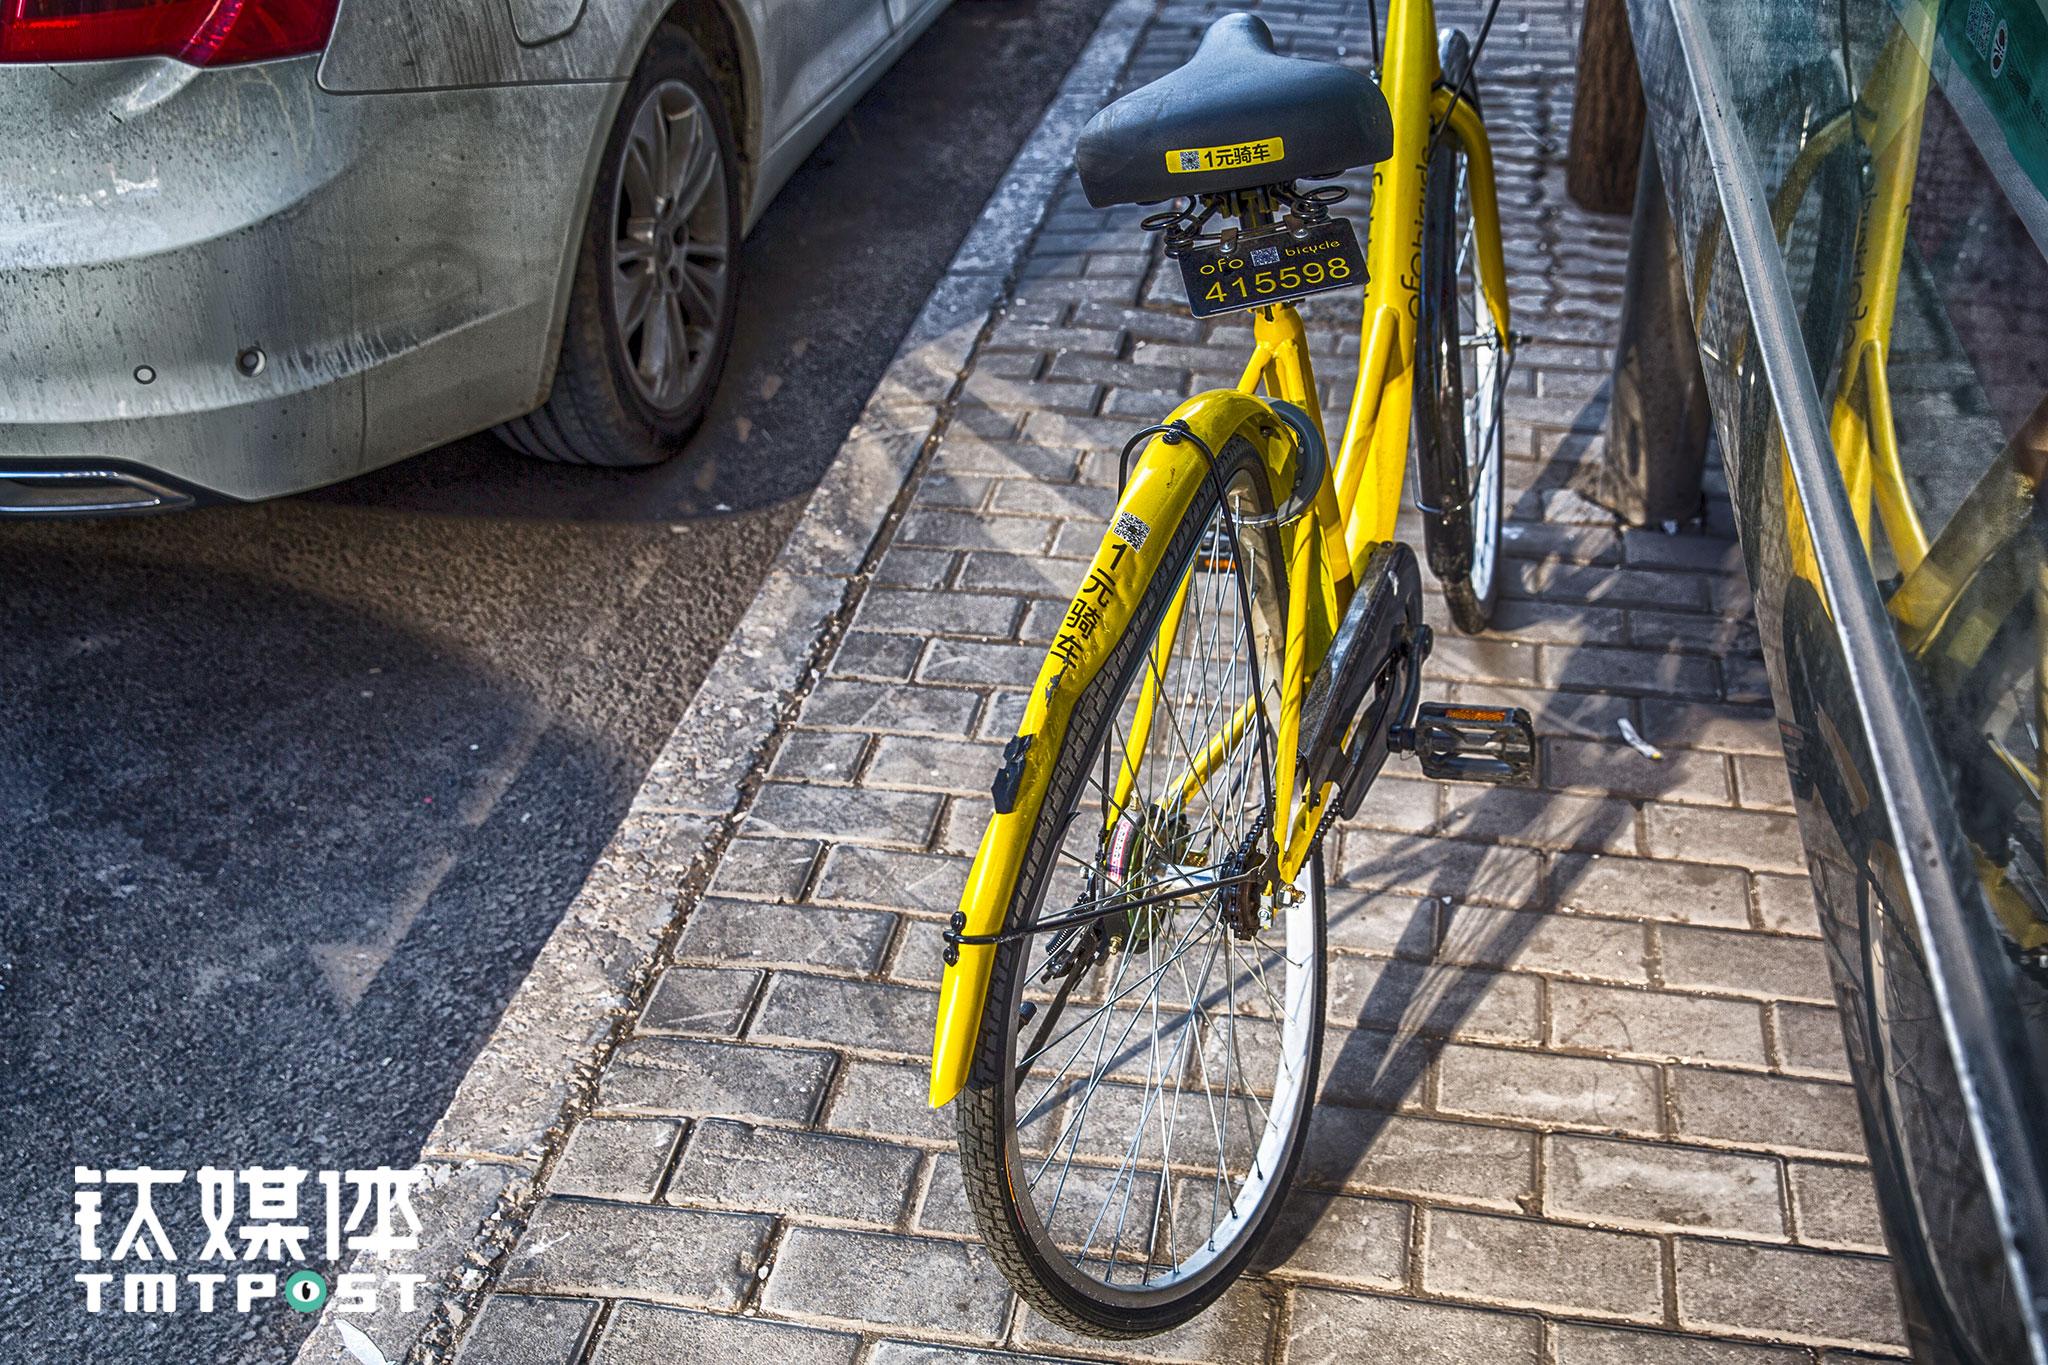 1月12日,北京,一辆后轮被汽车压过的ofo停在路边。